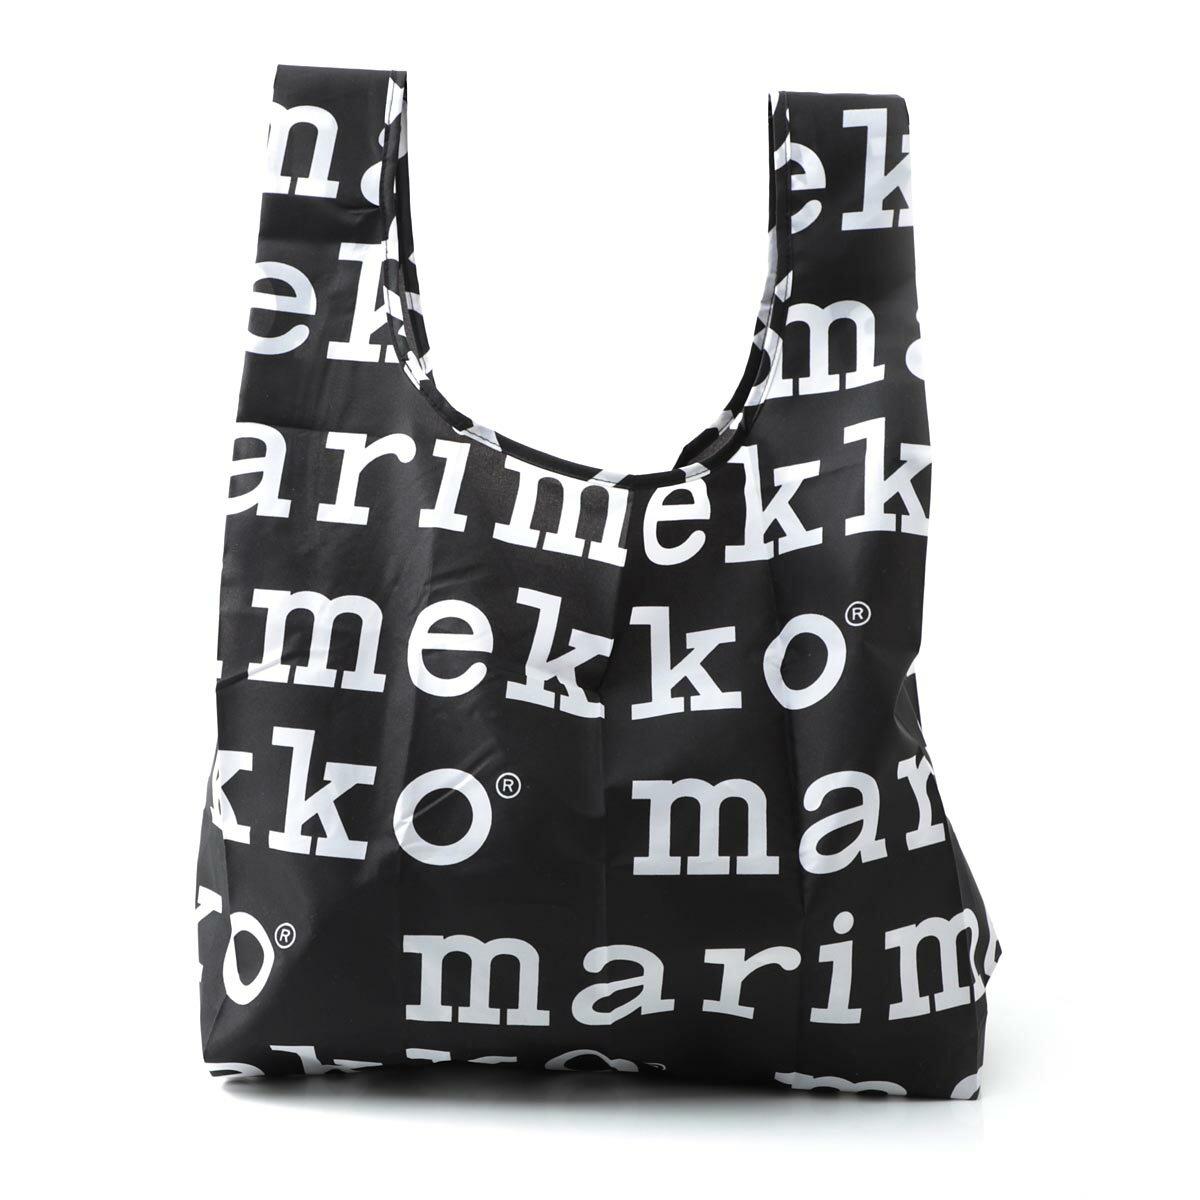 マリメッコ marimekko エコバッグ ブラック レディース バッグ トートバッグ 北欧 41395 910 MARILOGO【ラッピング無料】【返品送料無料】【170711】【あす楽対応_関東】